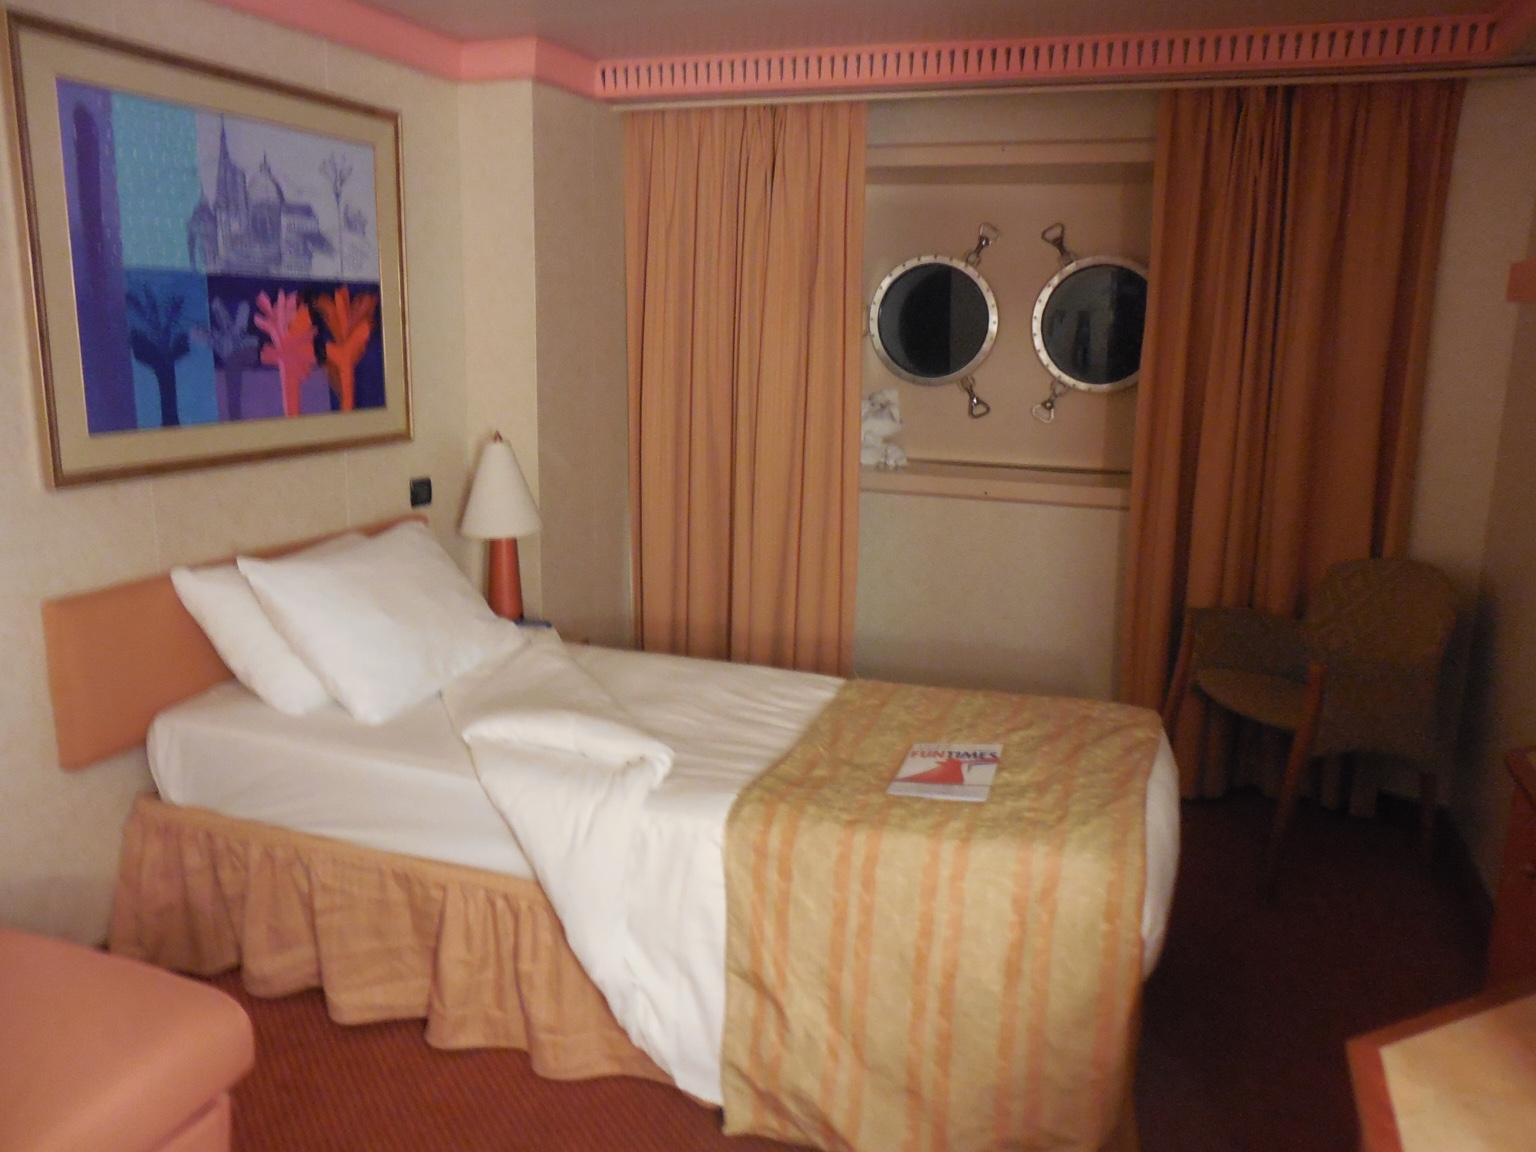 Carnival swinger cruise 2007 december